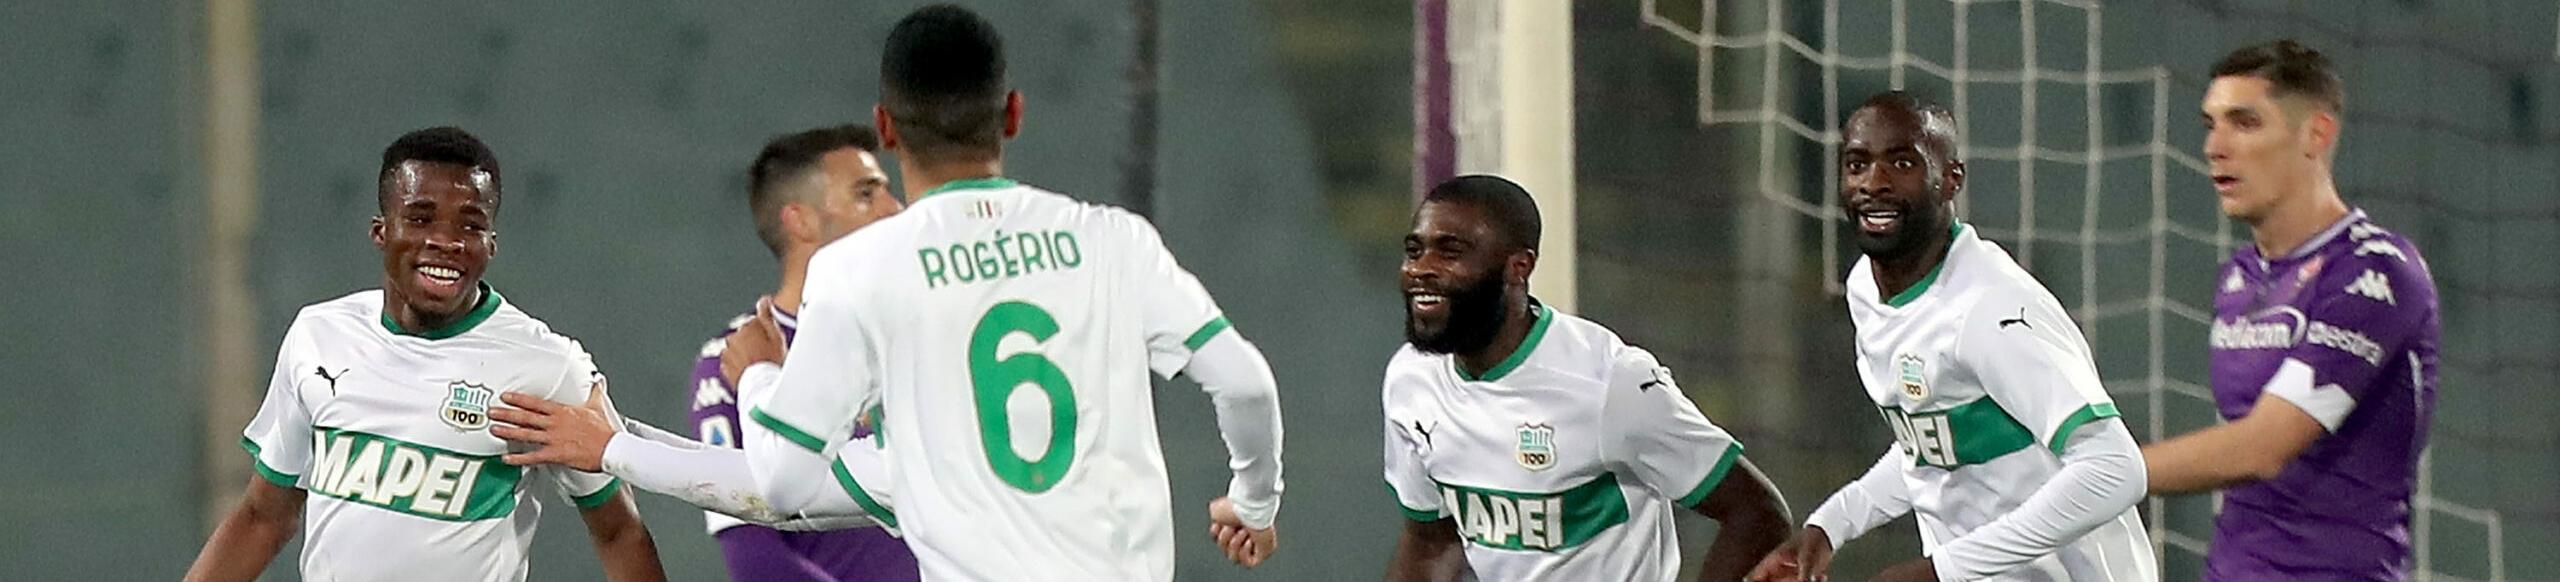 Sassuolo-Fiorentina, viola a Reggio Emilia in cerca di punti pesanti in chiave salvezza